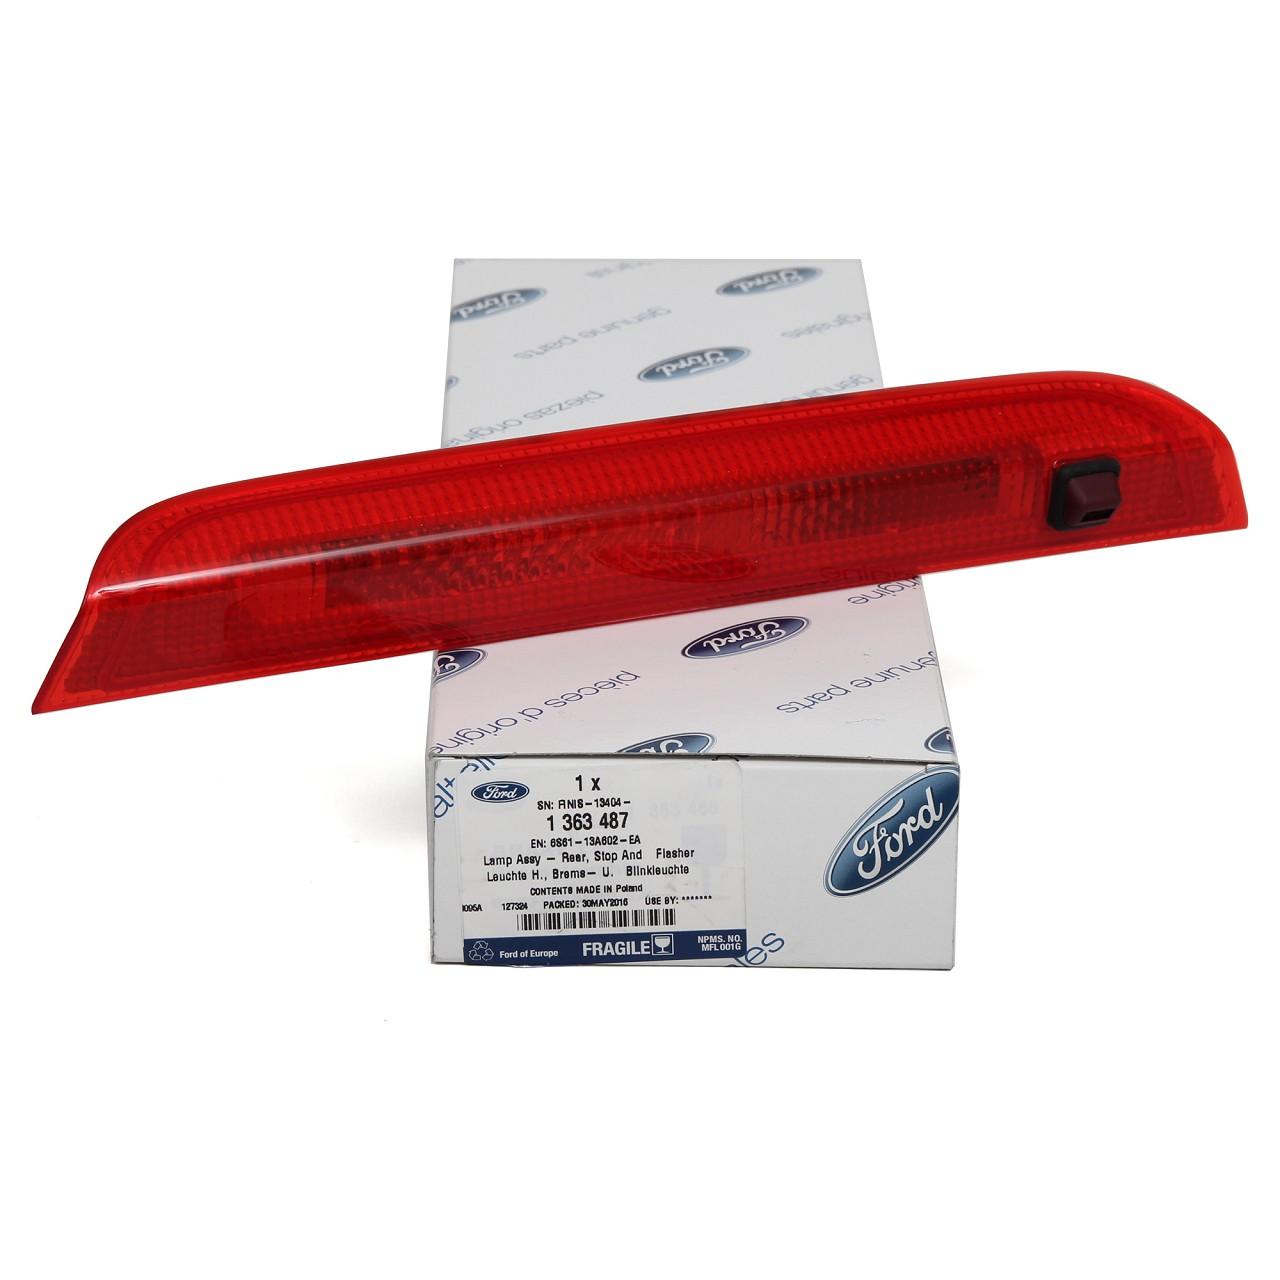 ORIGINAL Ford Zusatz- 3. DRITTE Bremsleuchte Bremslicht FIESTA V MK5 1363487